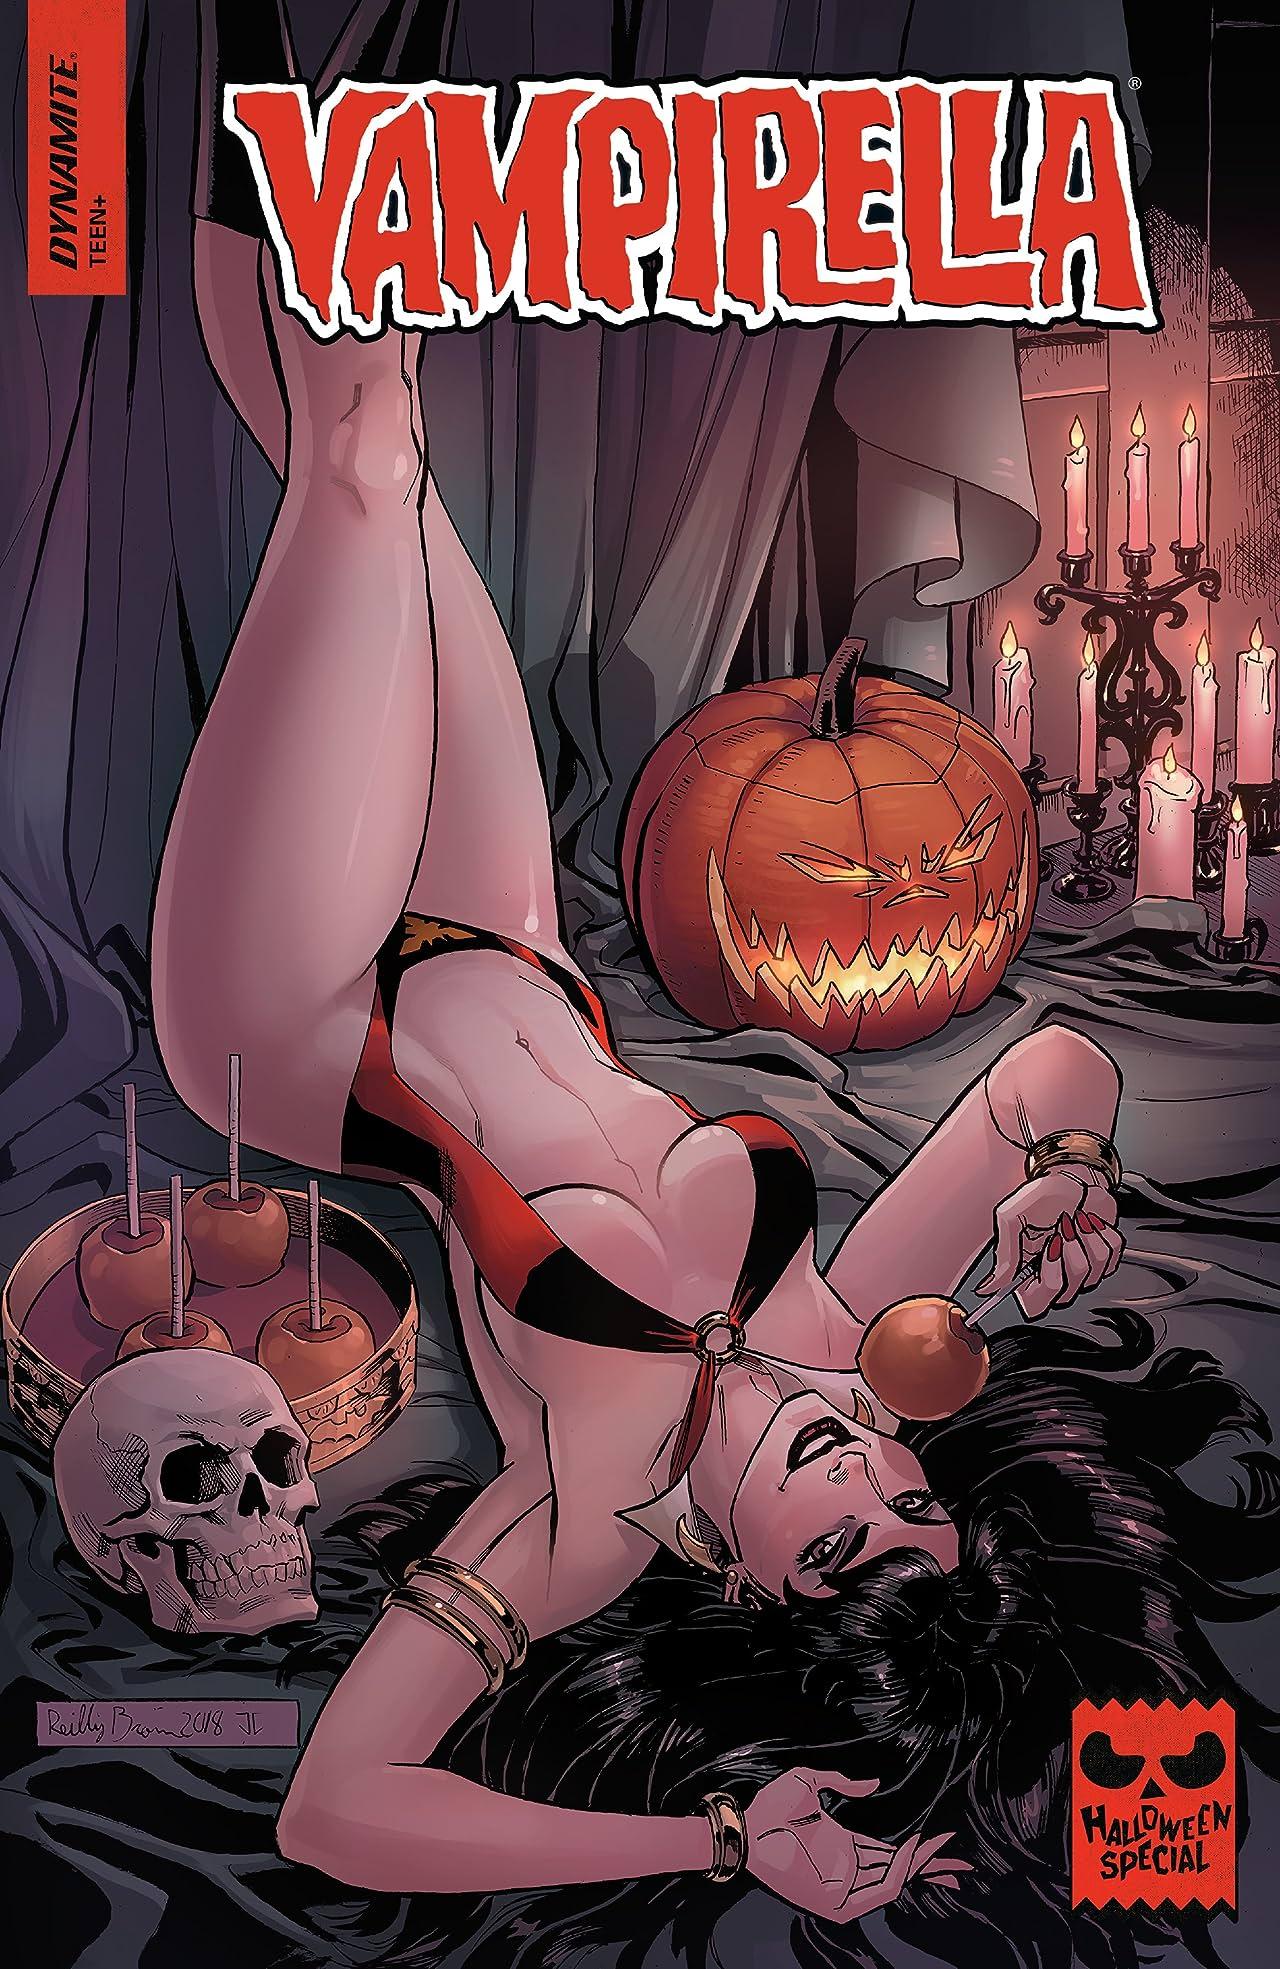 Vampirella: 2018 Halloween Special